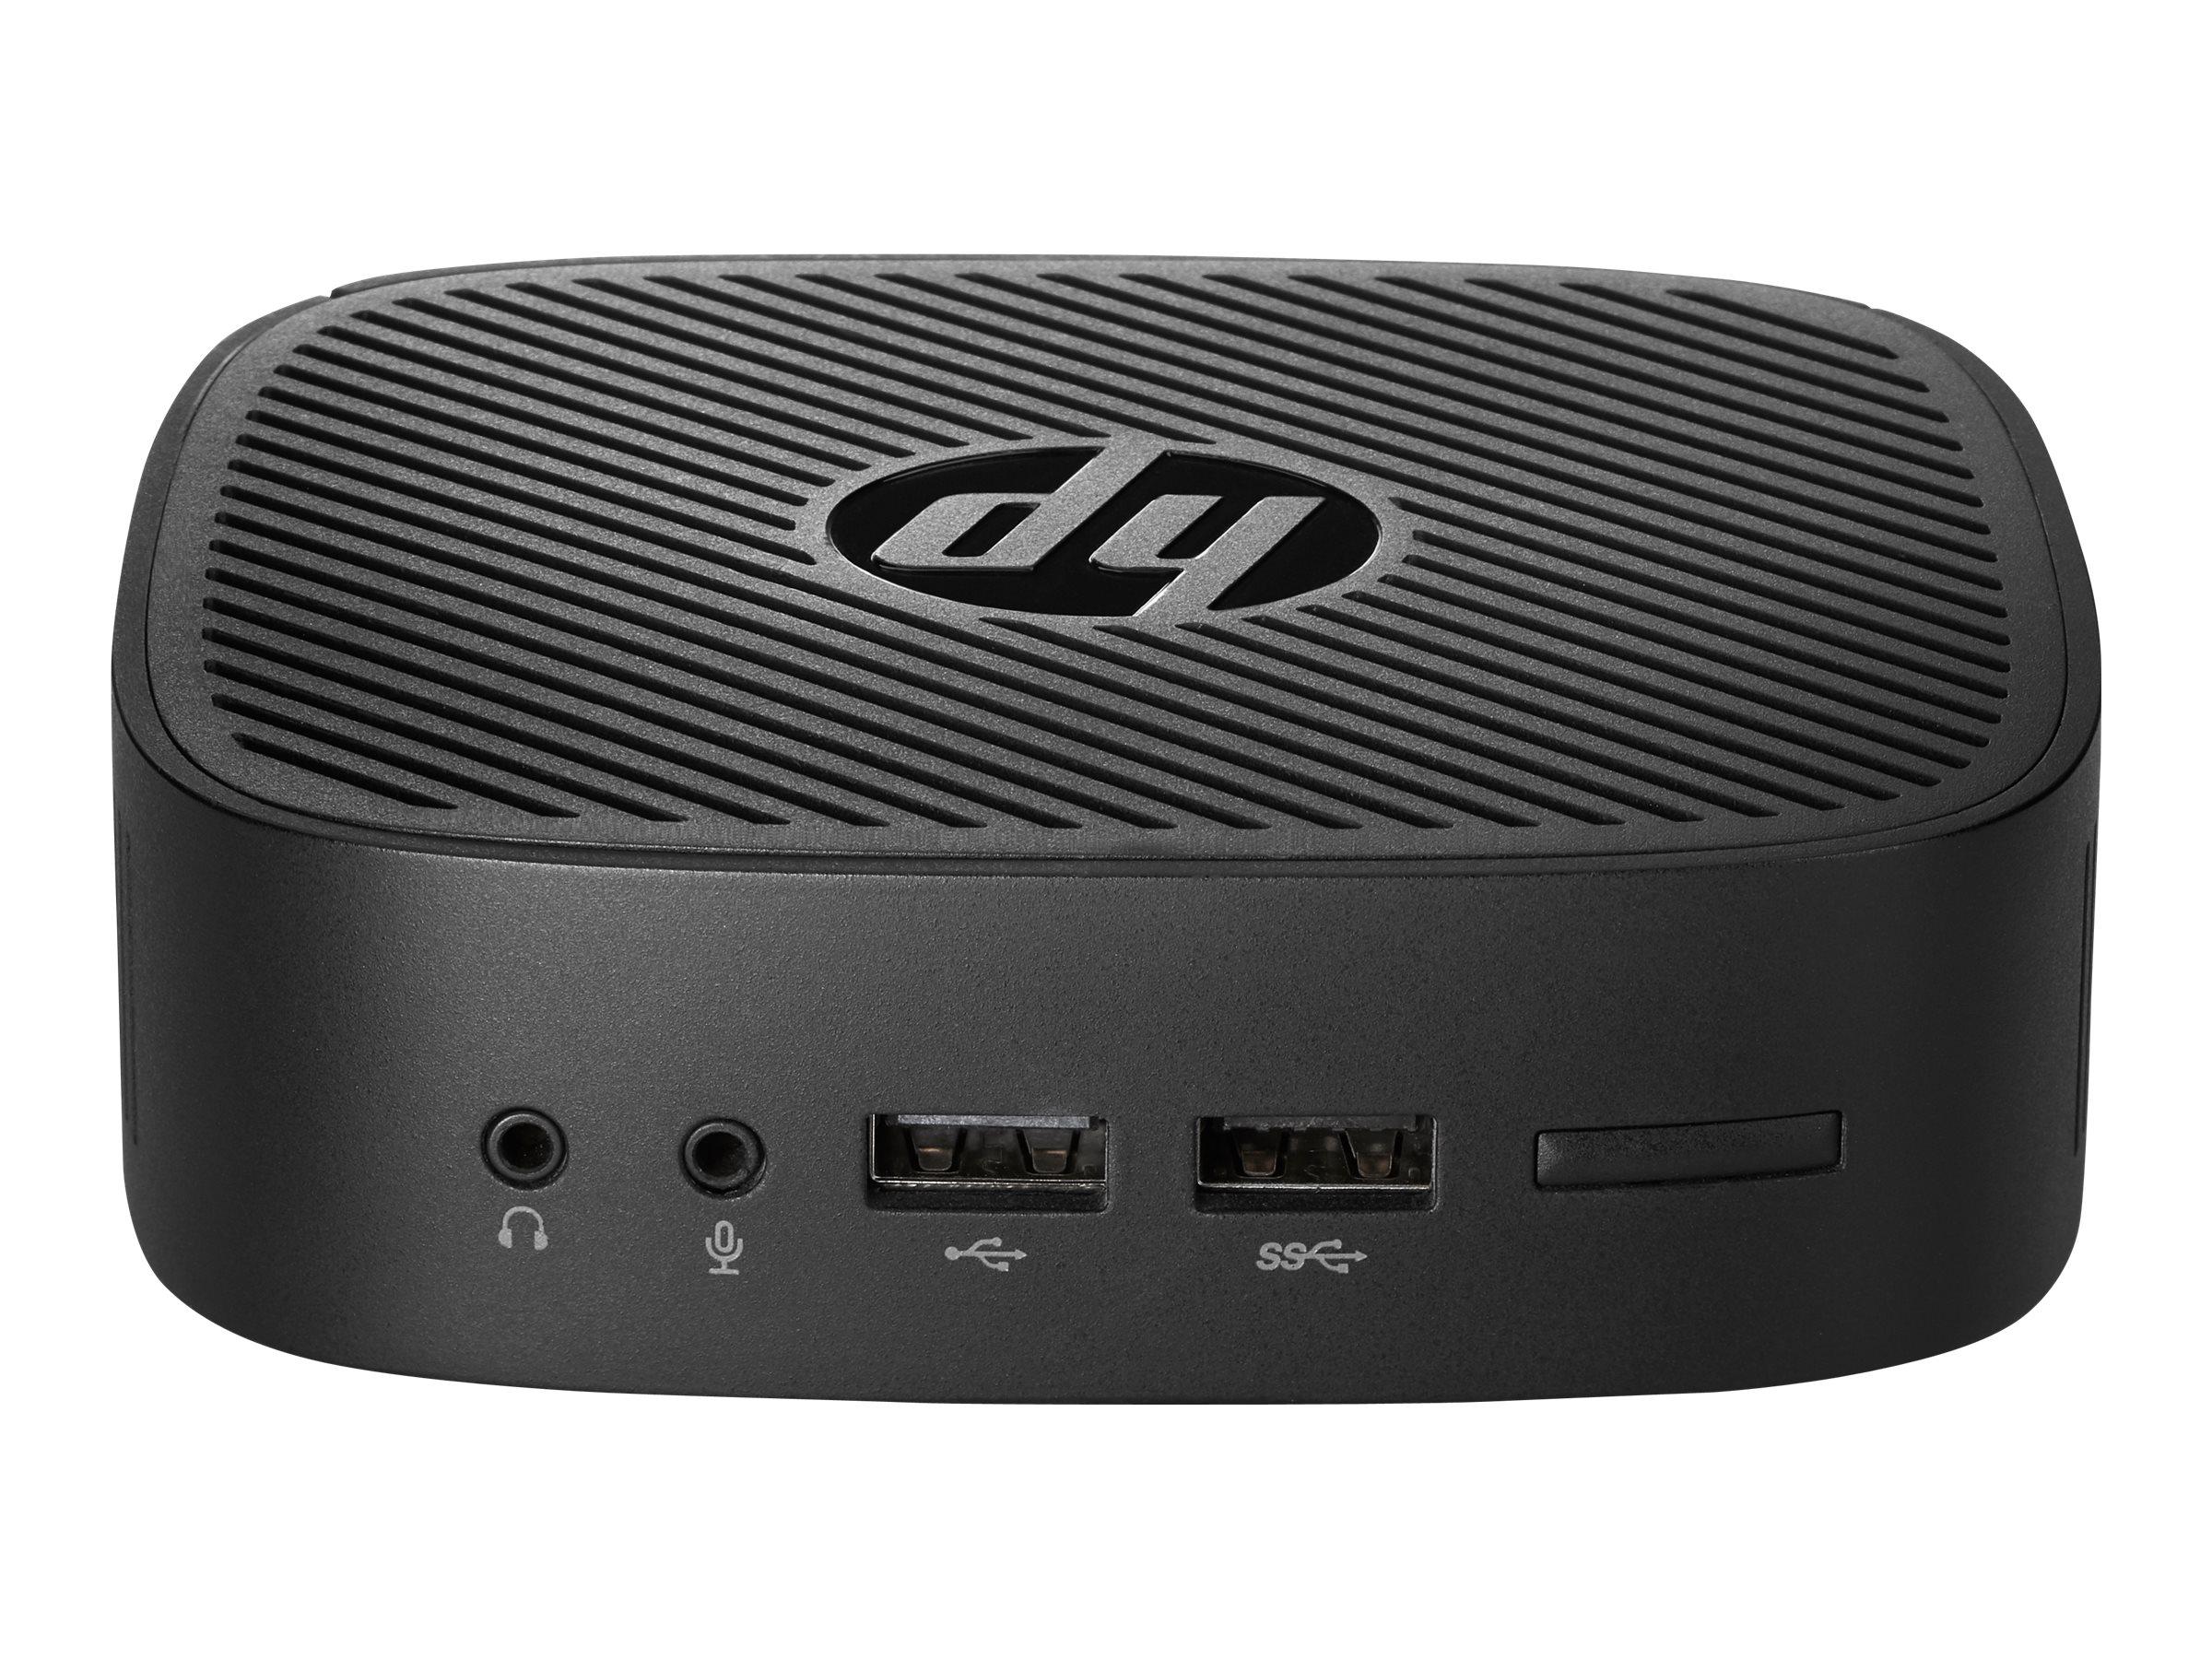 HP t240 - Thin Client - USFF - 1 x Atom x5 Z8350 / 1.44 GHz